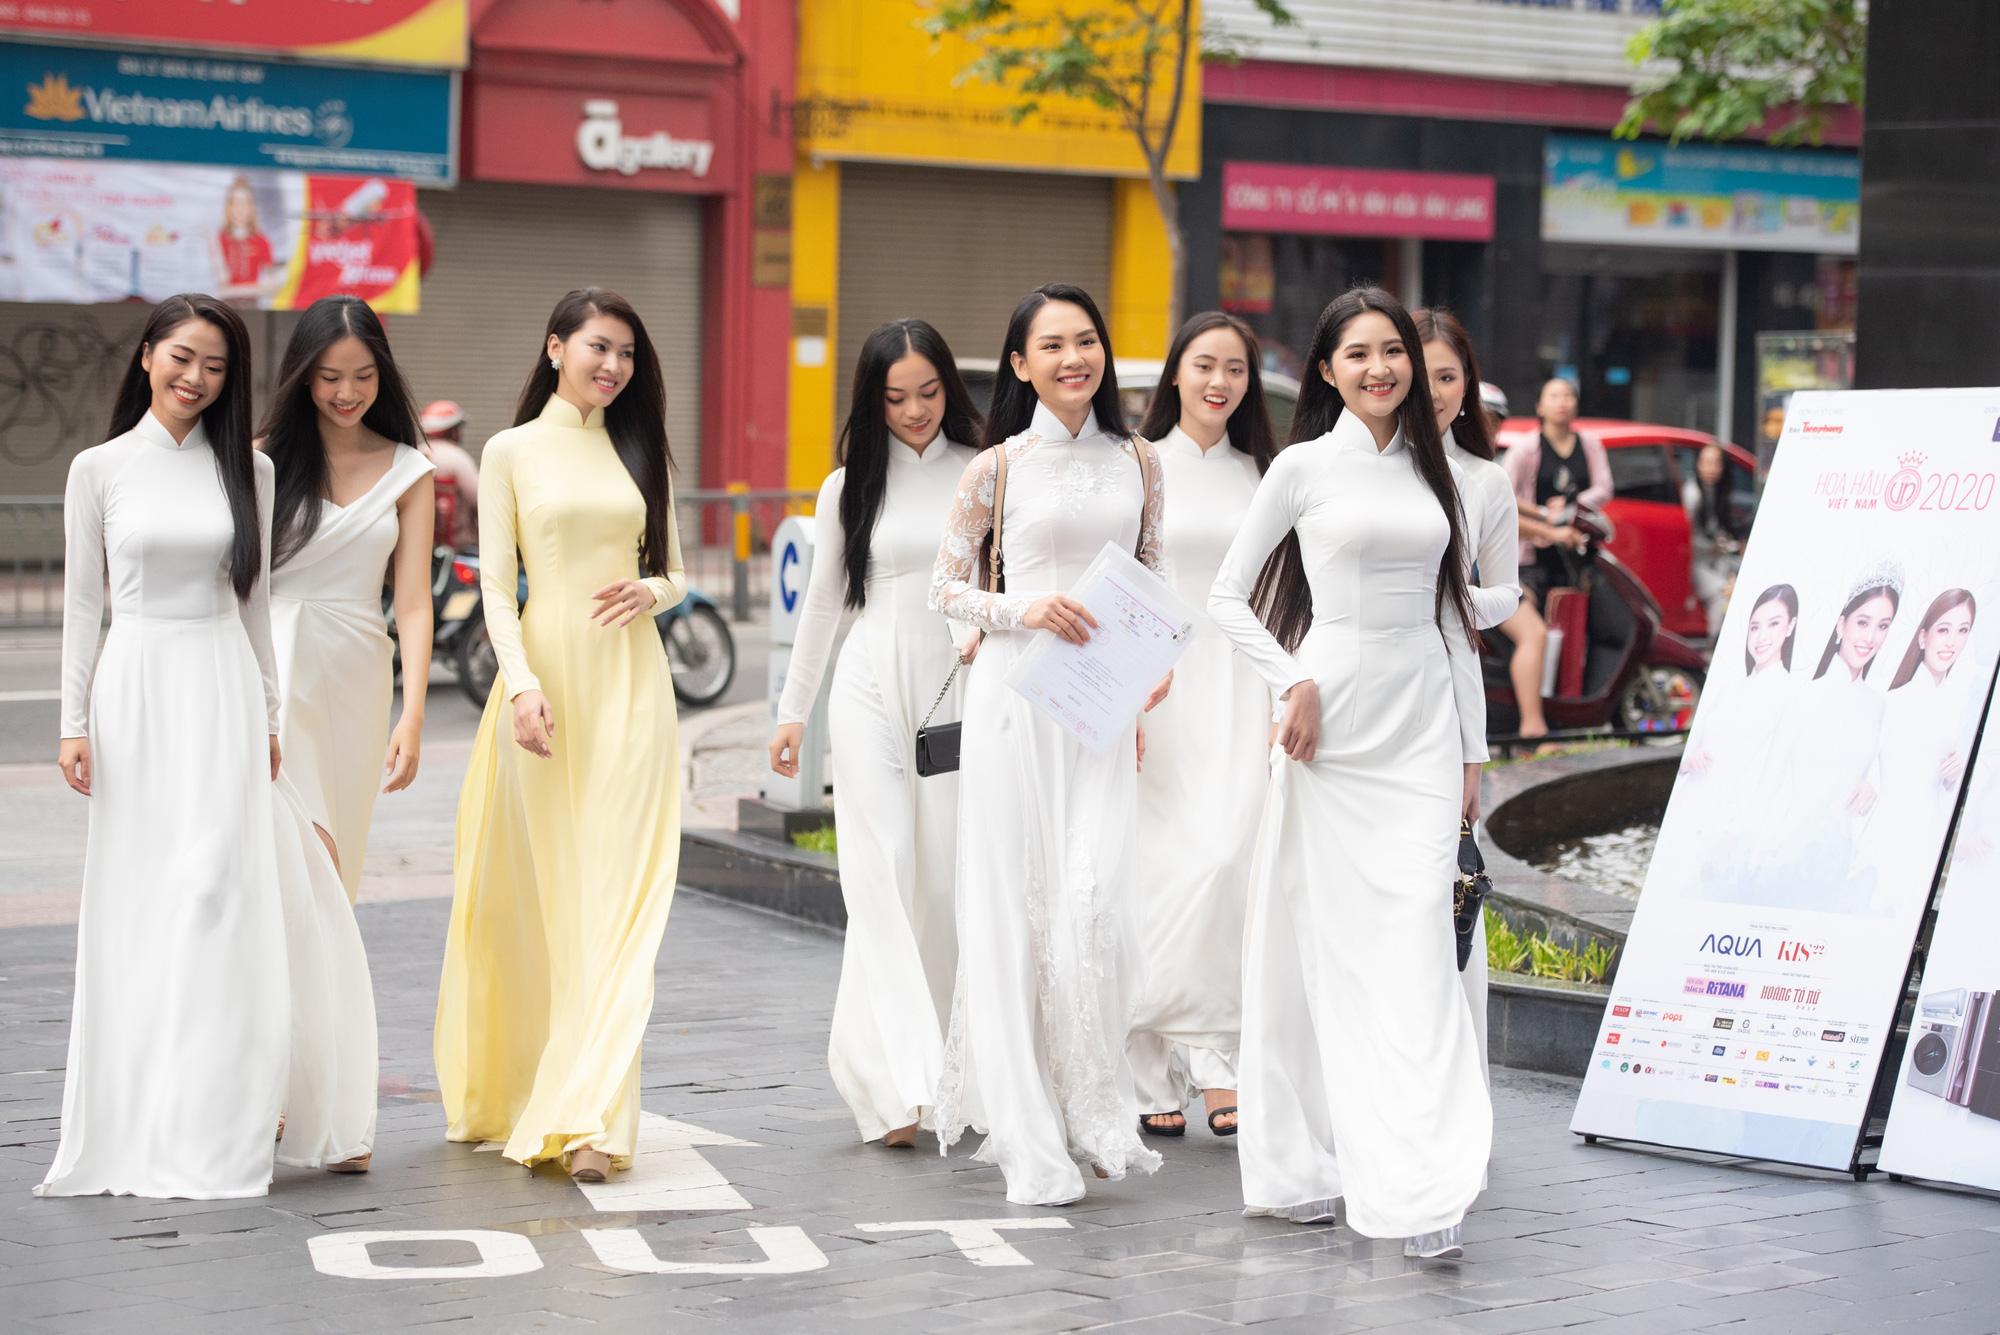 """Thí sinh U60 gây """"sốt"""" xuất hiện tại Sơ khảo Hoa hậu Việt Nam 2020, khác xa ảnh hiếm hoi quyến rũ? - Ảnh 12."""